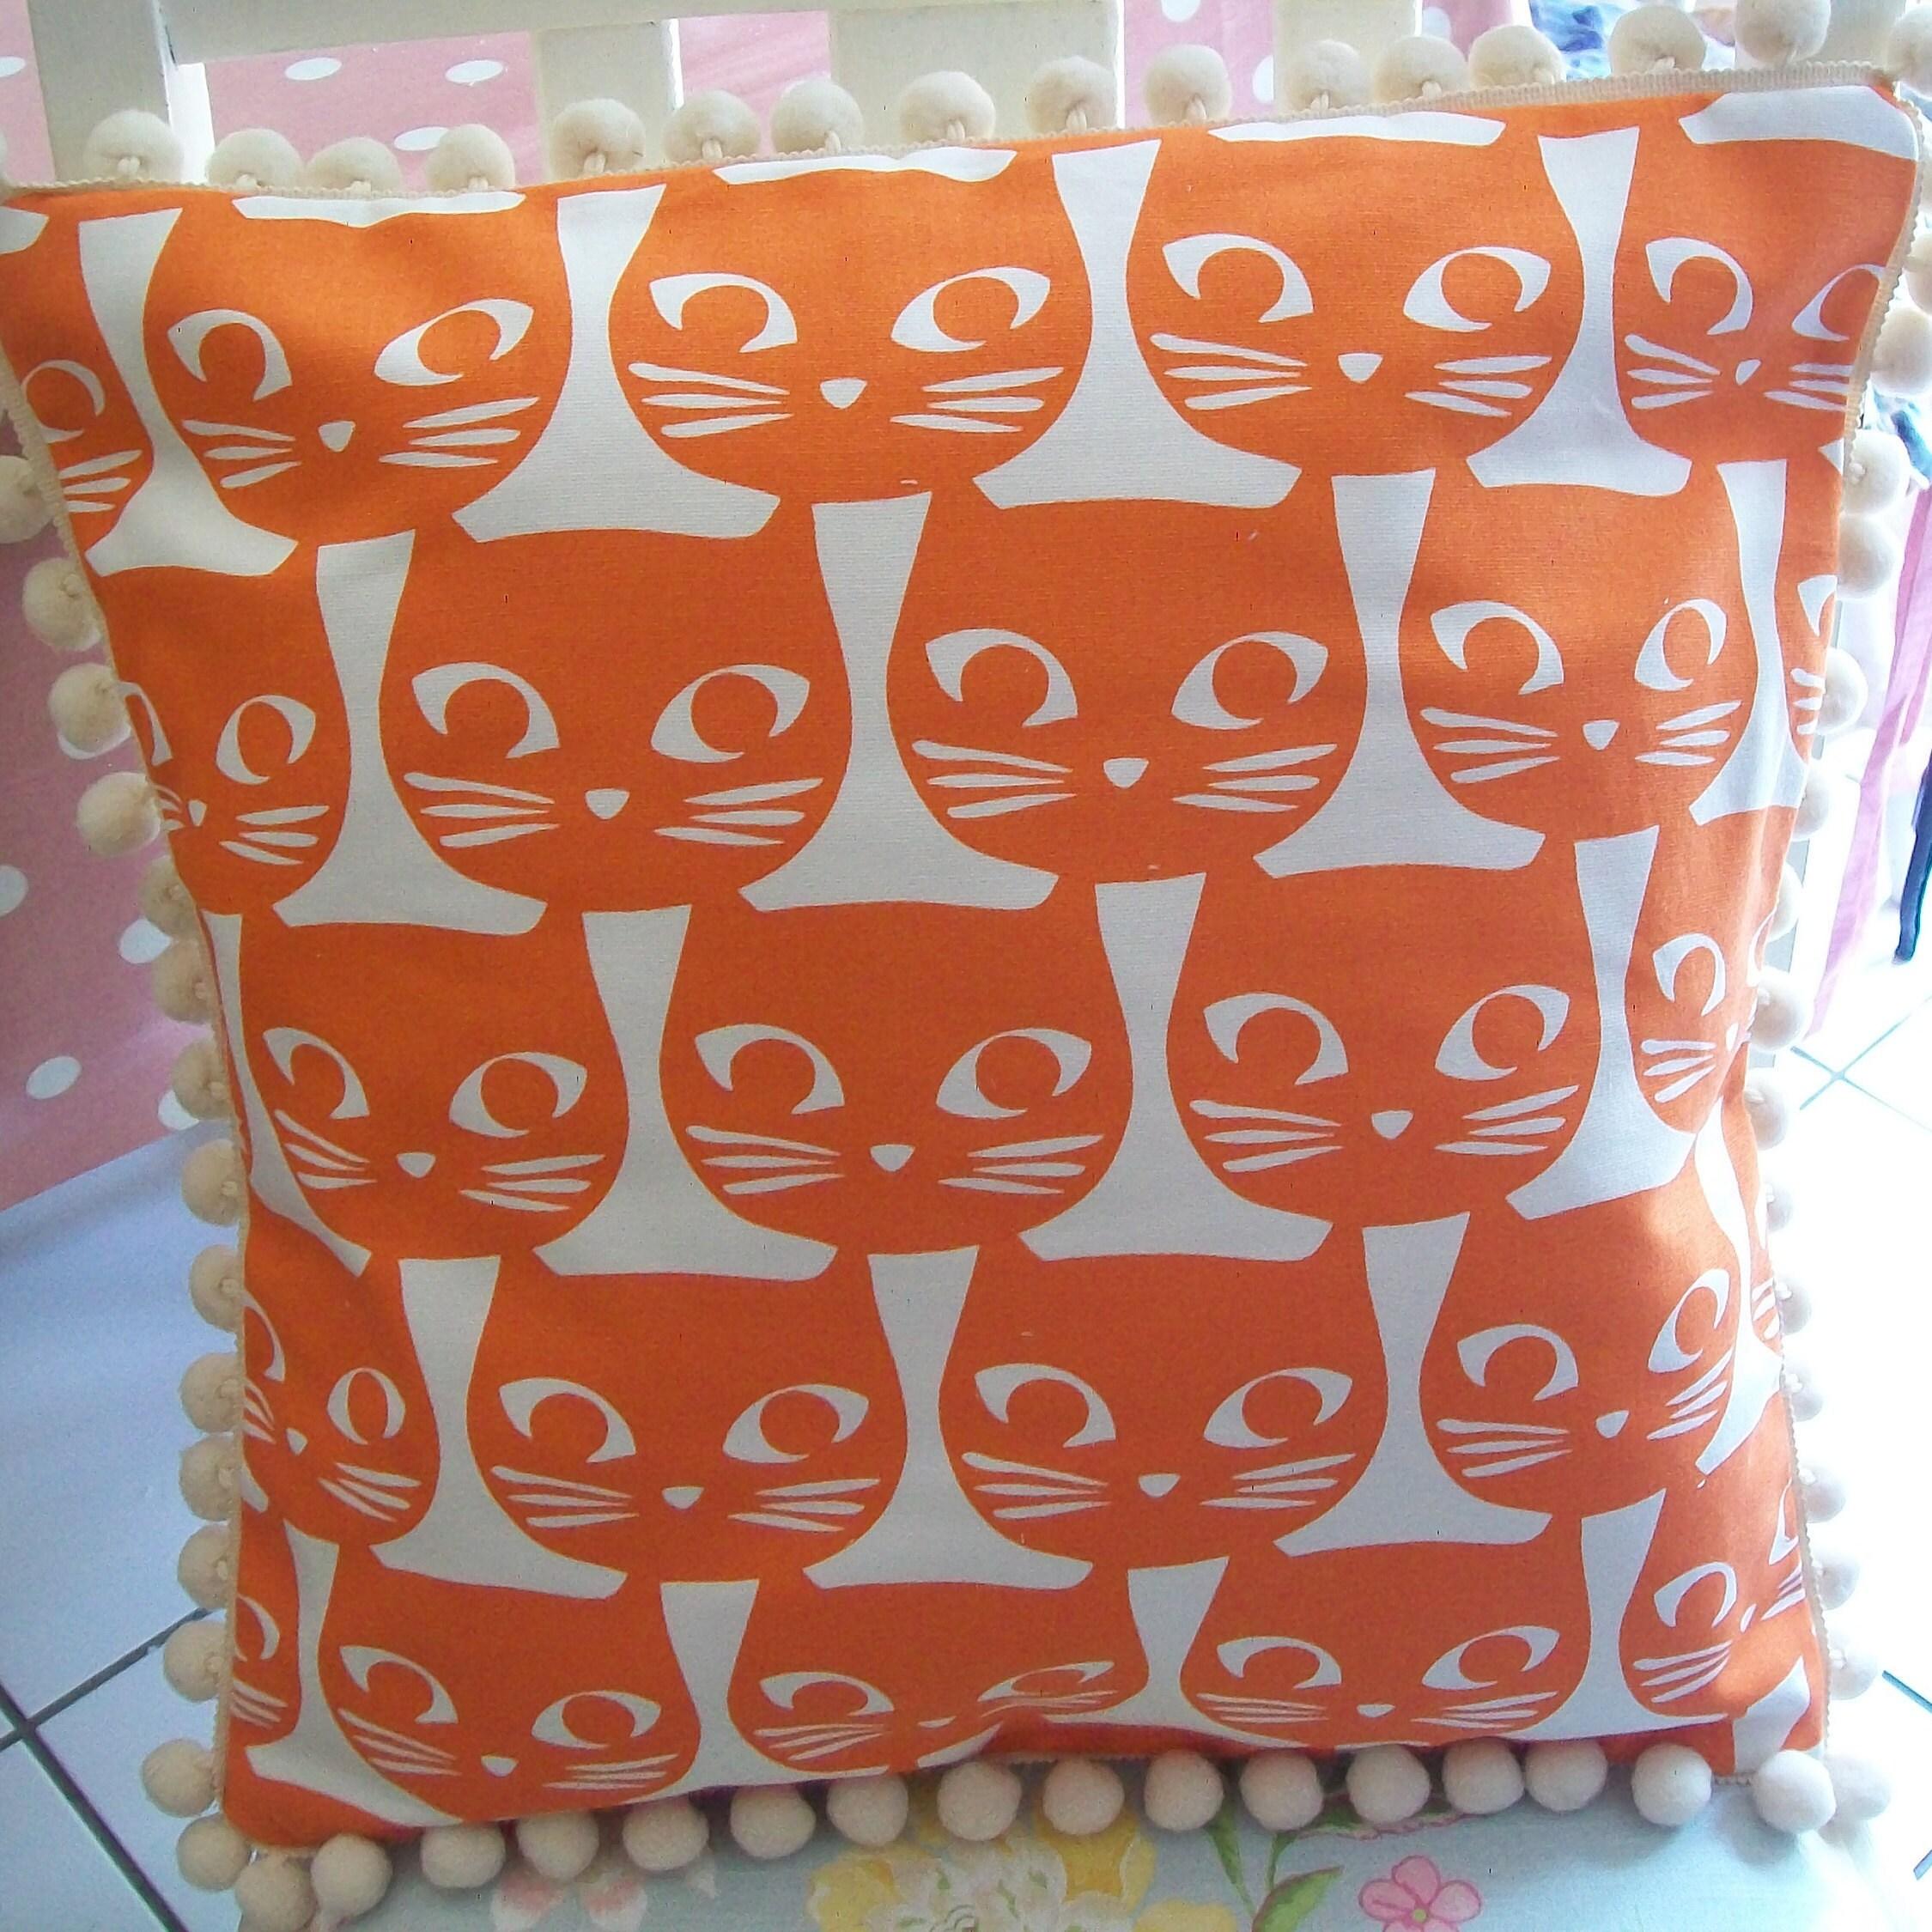 New Awesome Cat Face Fabric Cushion pom pomtrim Cushion 16 orange ivory off white Ikea cat fabric Laura Ashley Fabric Envelope Back